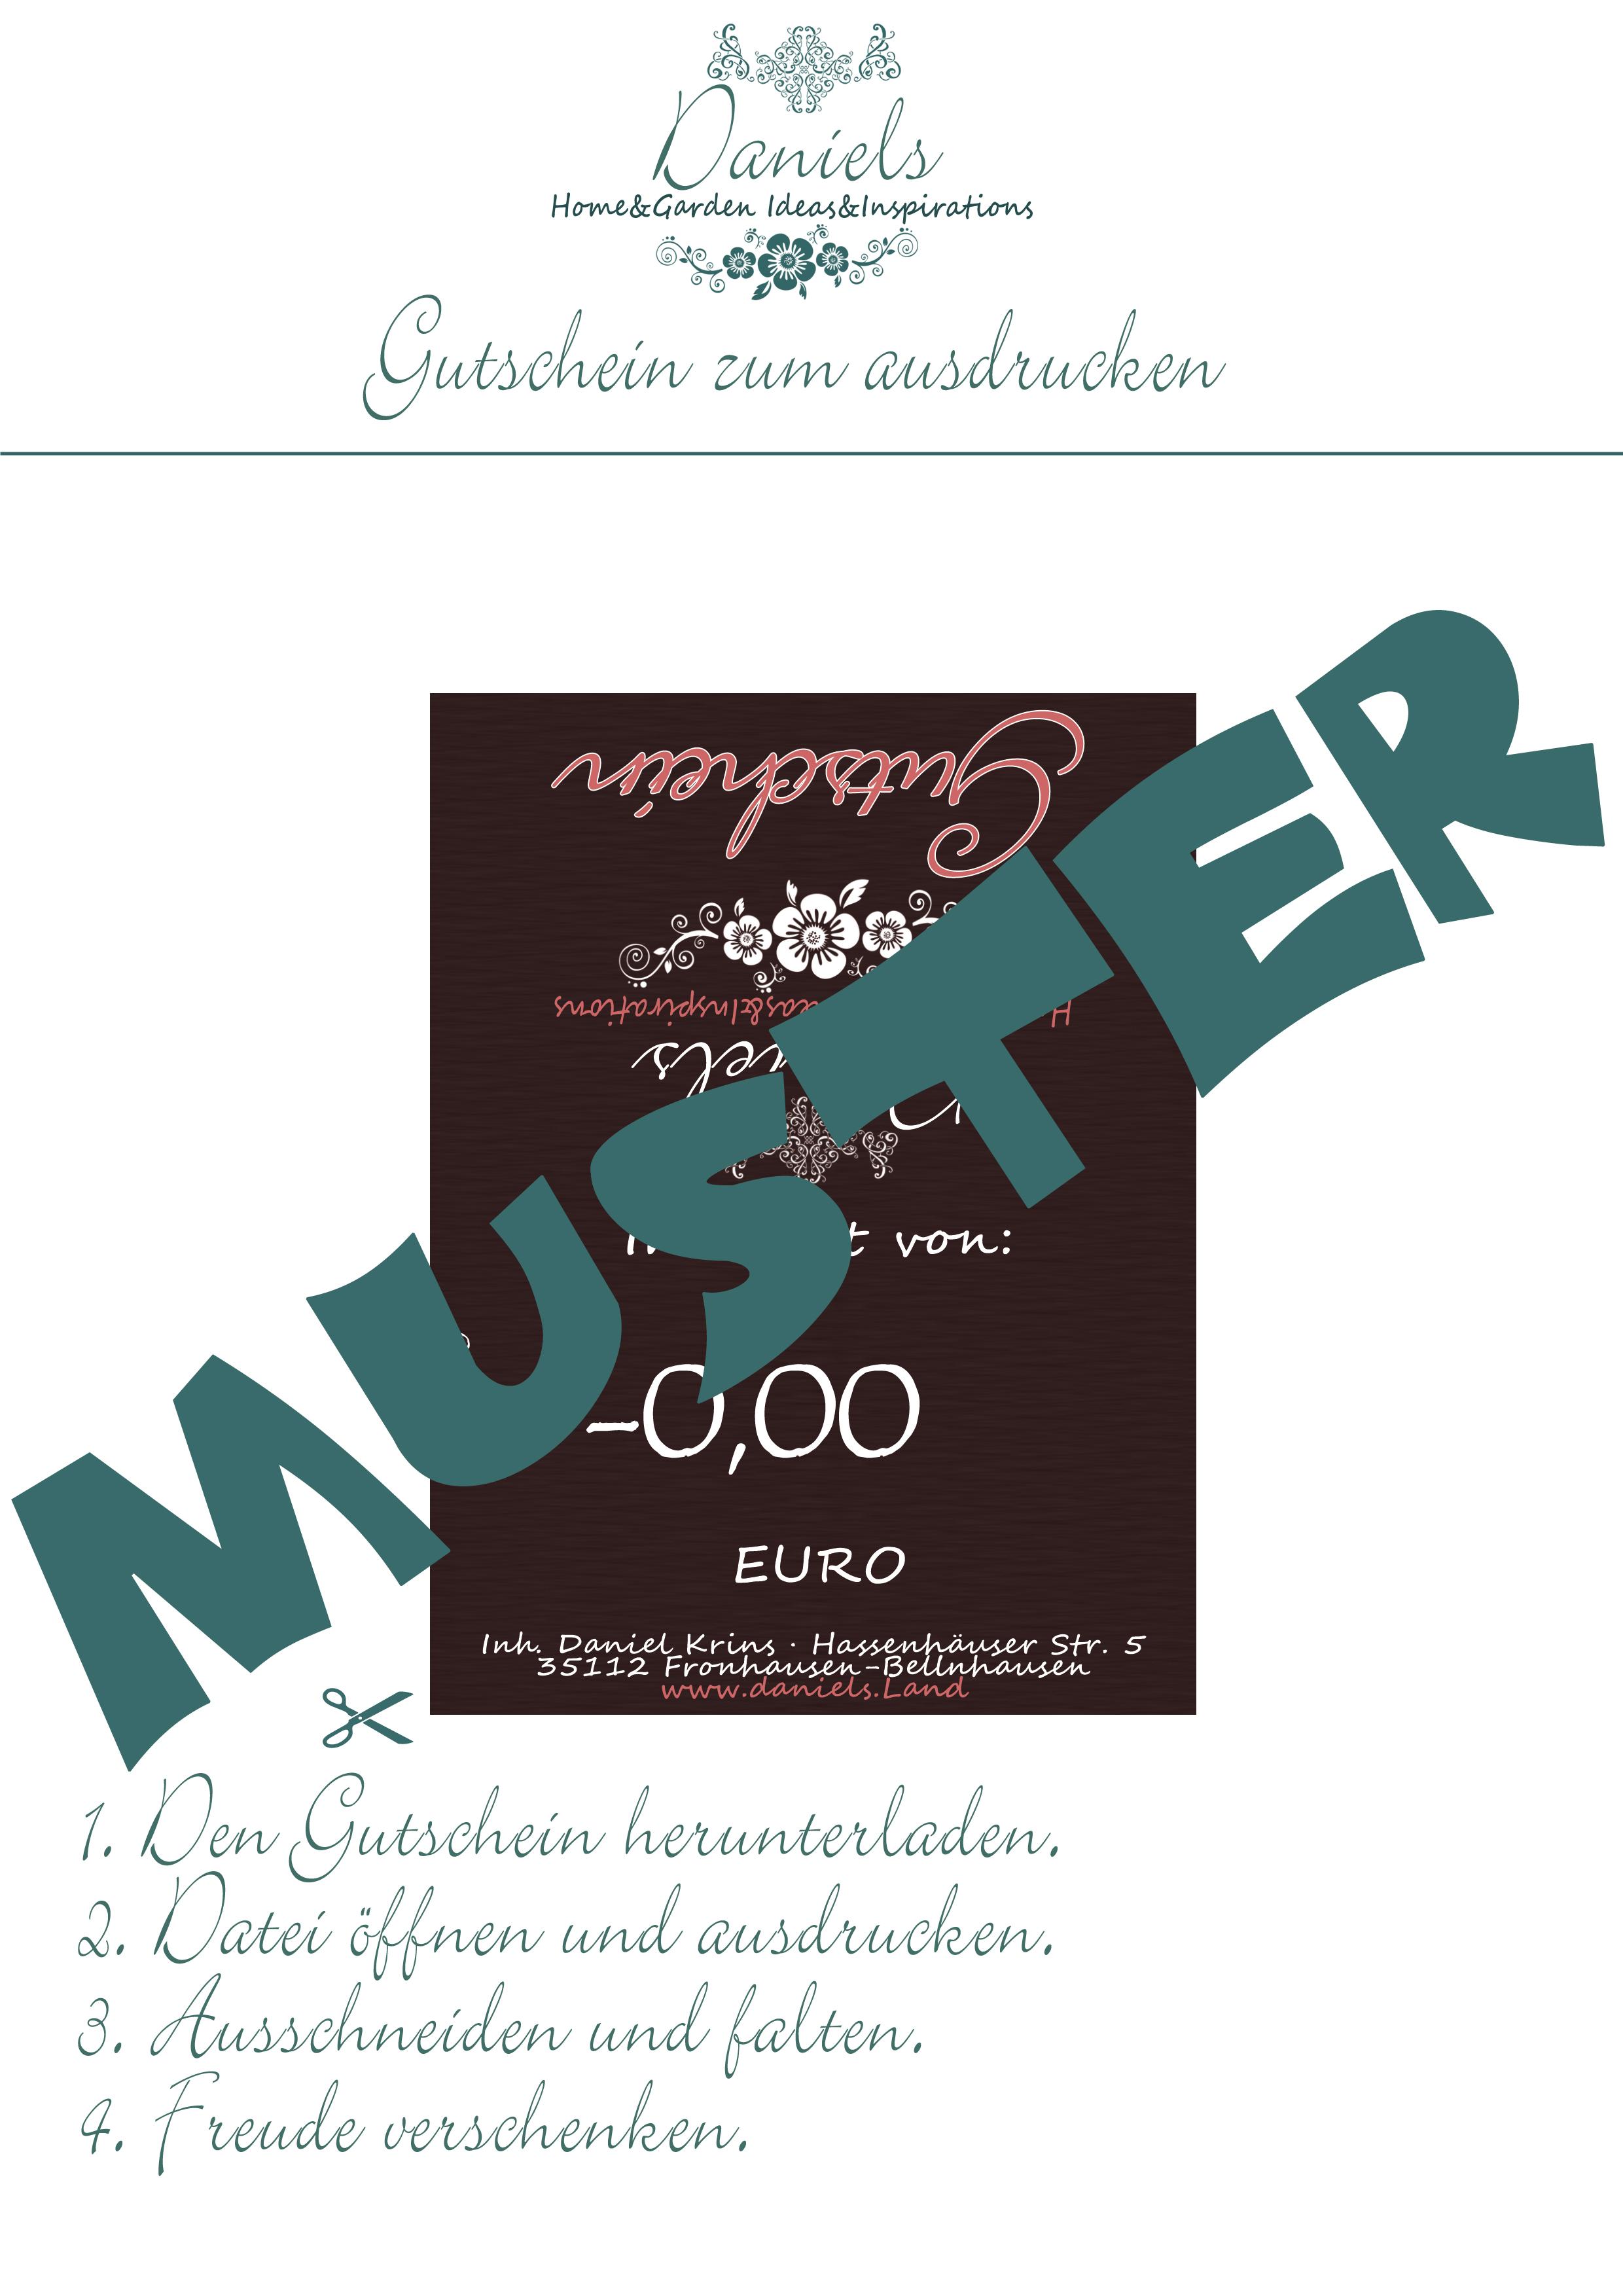 50€ Gutschein zum Ausdrucken